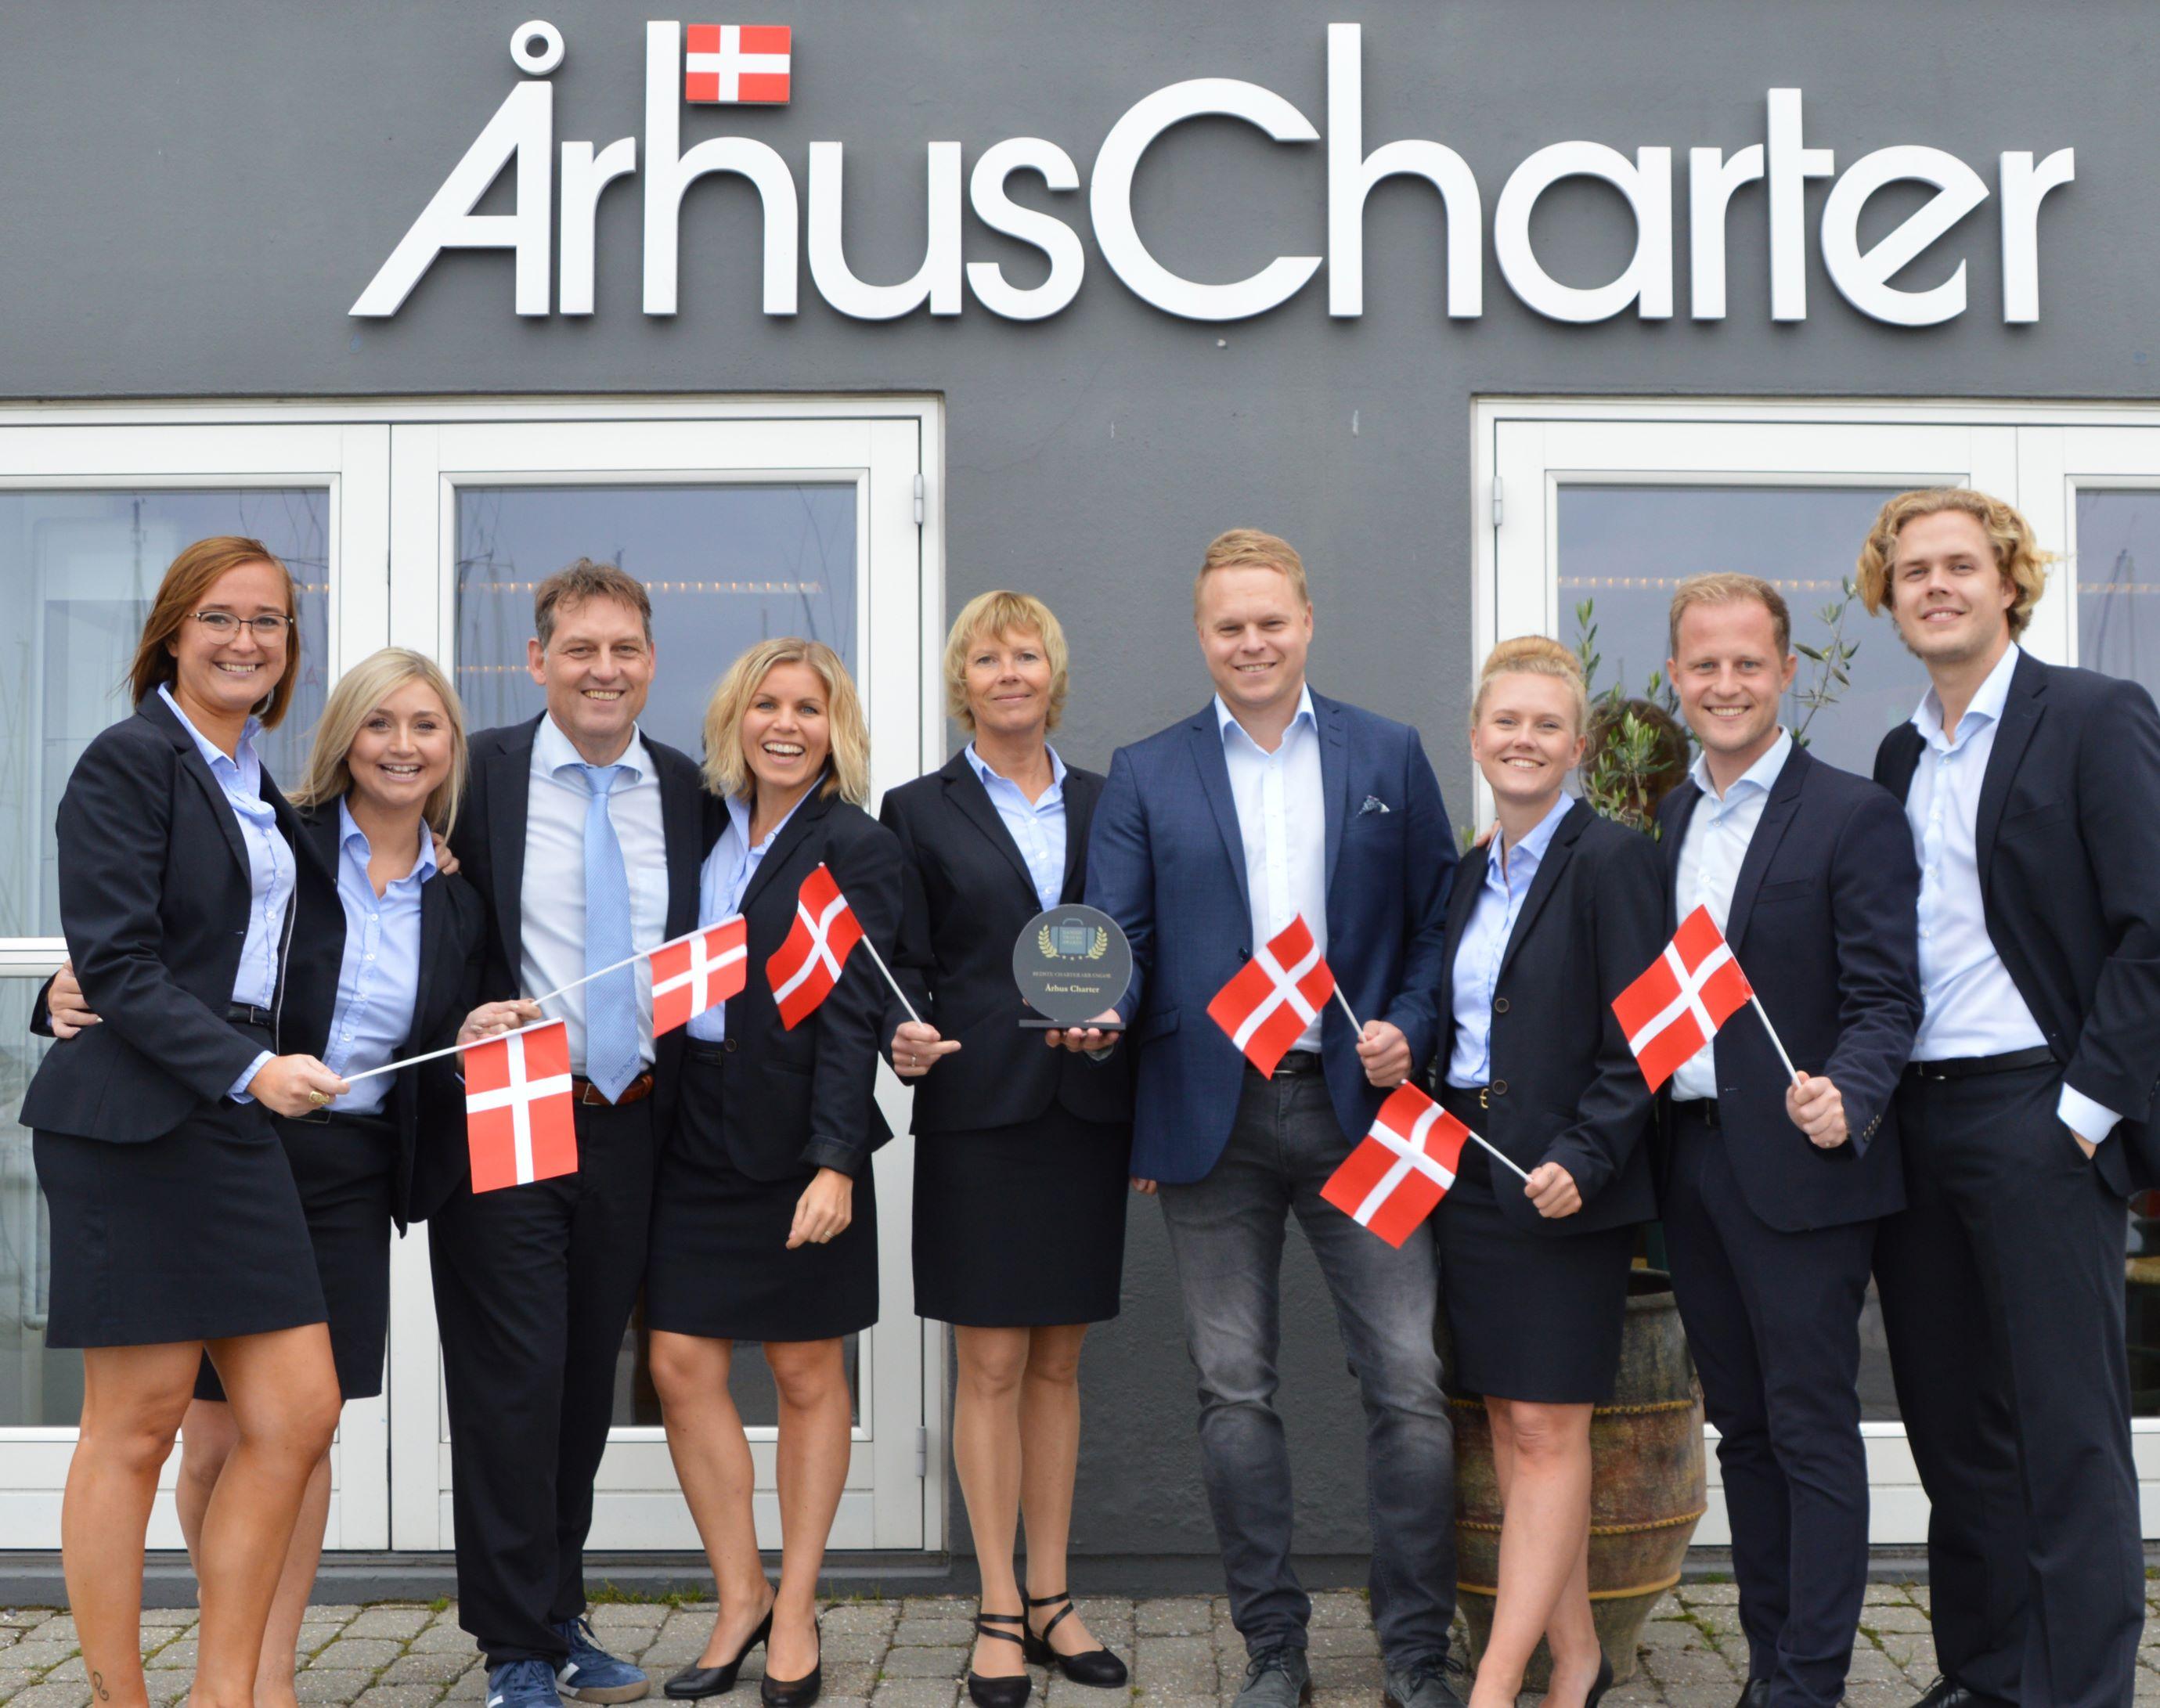 Medarbejdere fra Århus Charter fejrer dagen der på charterrejsebureauets 7. Danish Travel Awards. Foto: Århus Charter.